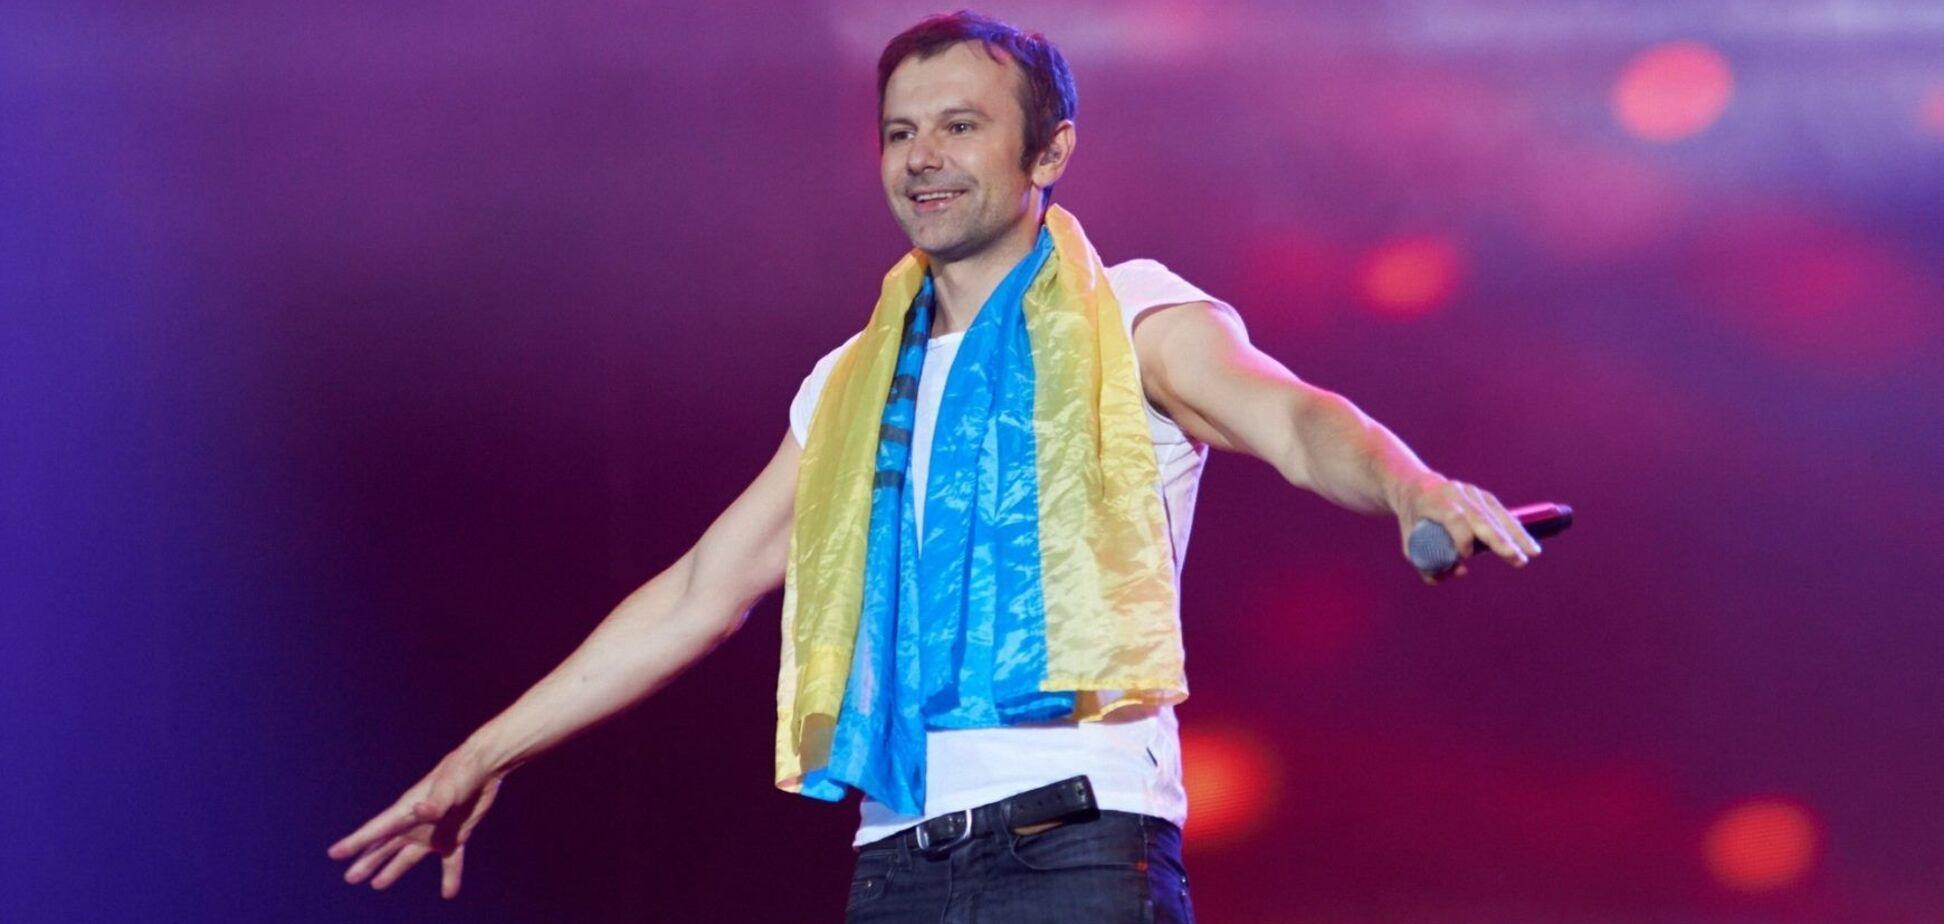 Вакарчук заявив, що новий кліп 'Знову' зняла його донька Діана